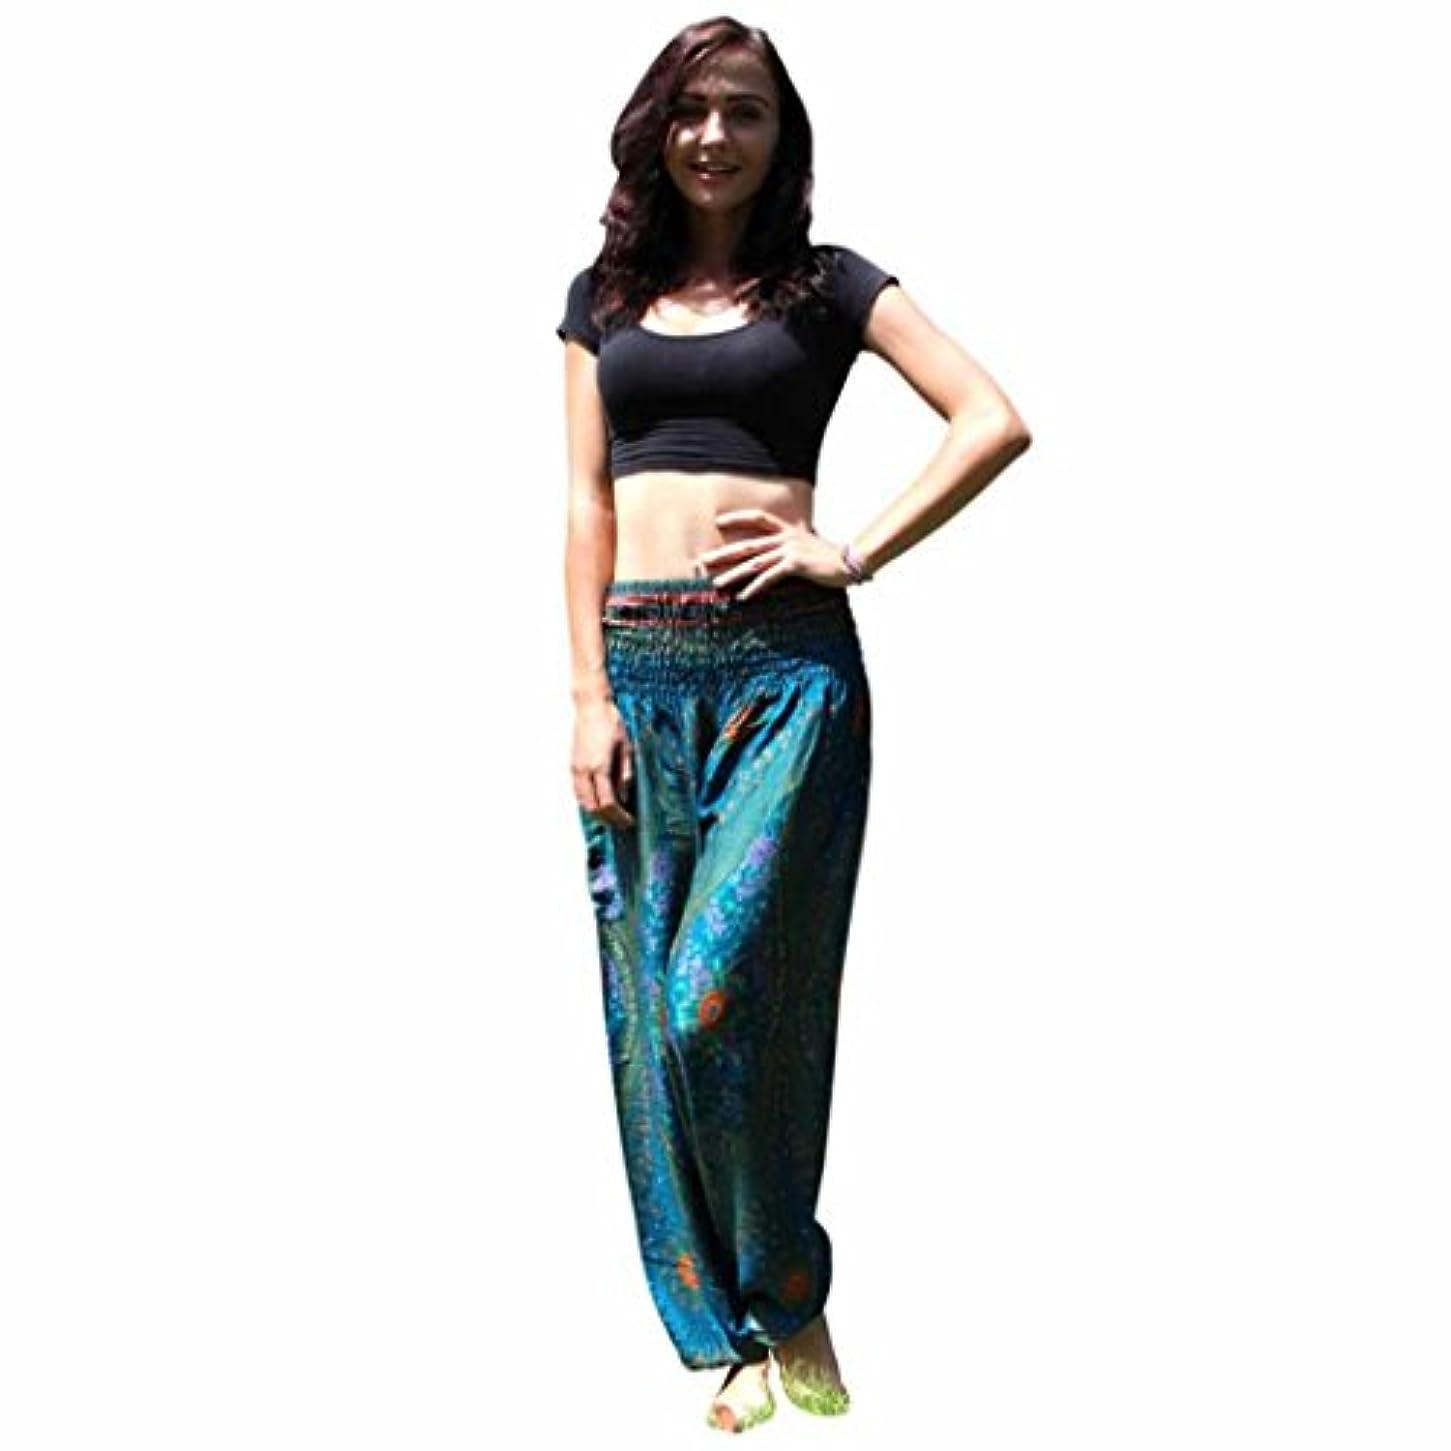 出費シャープ文Mhomzawa パンツ男性女性タイのハレムのズボンフェスティバルヒッピーのスモックハイウエストのパンツのタイハーレムヨガ?パンツ